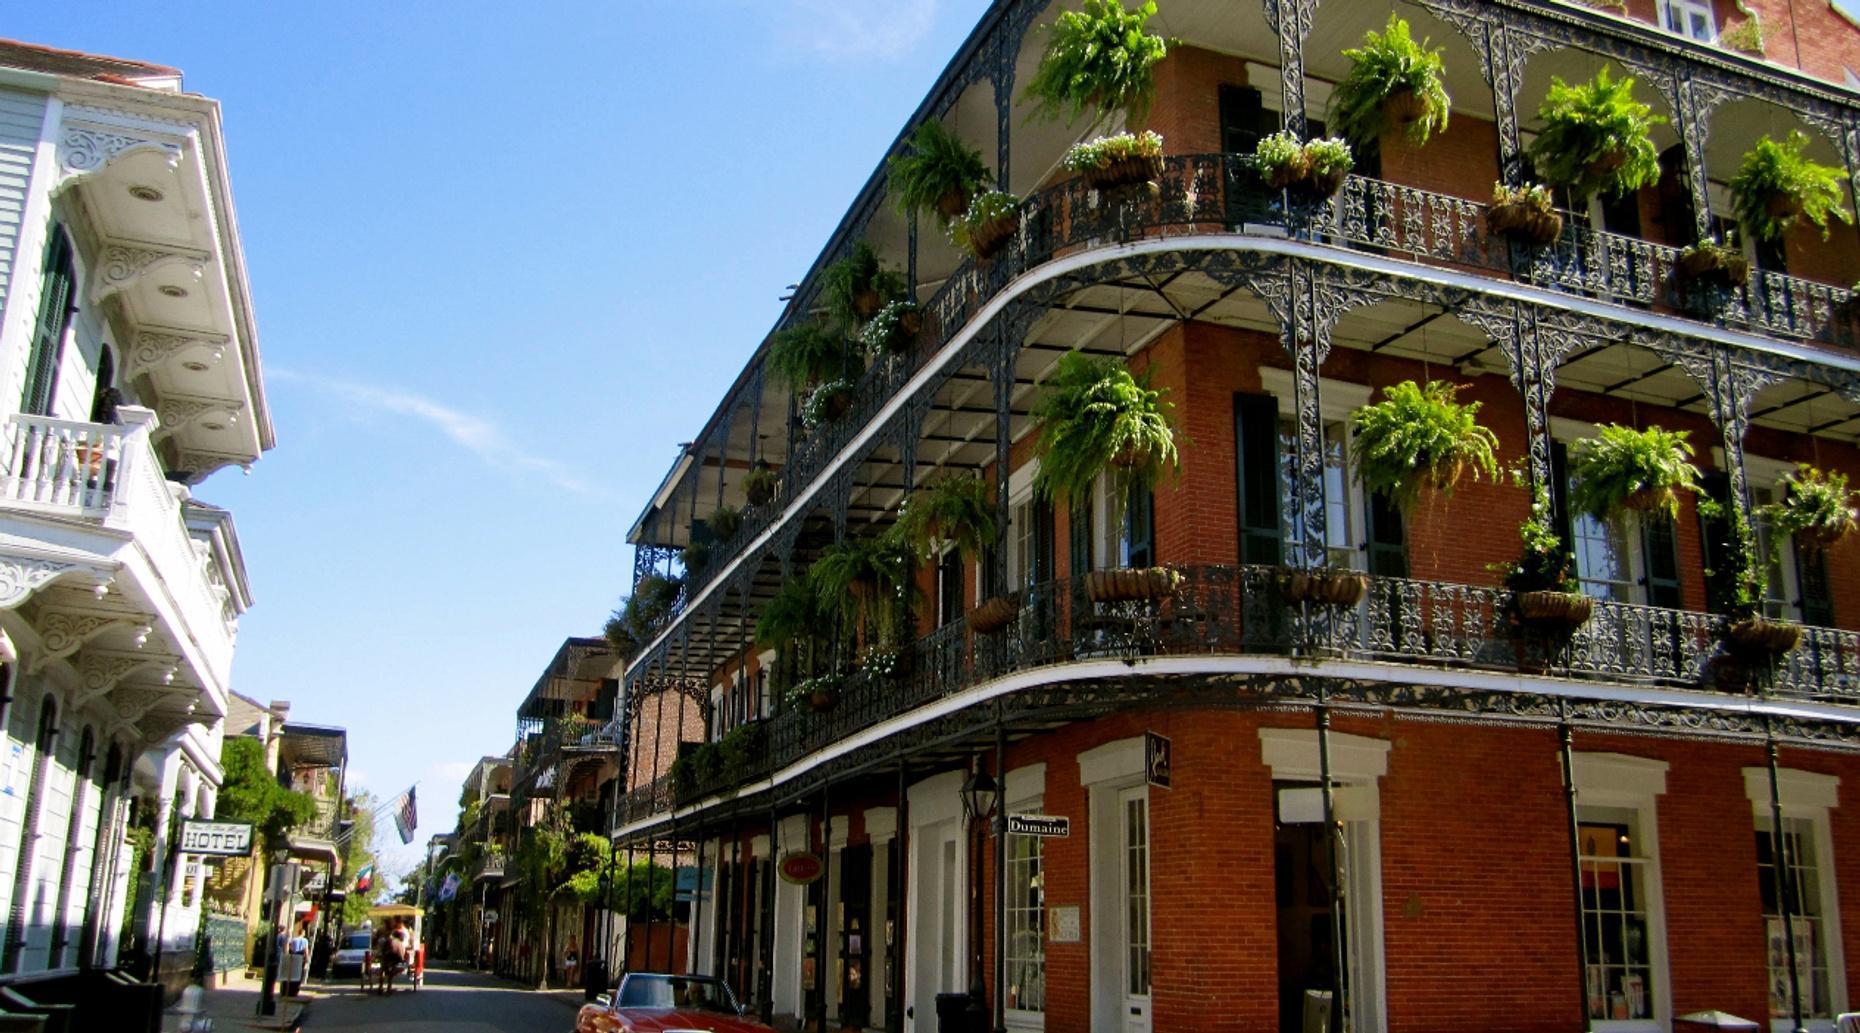 New Orleans Vieux Carre Walking Tour